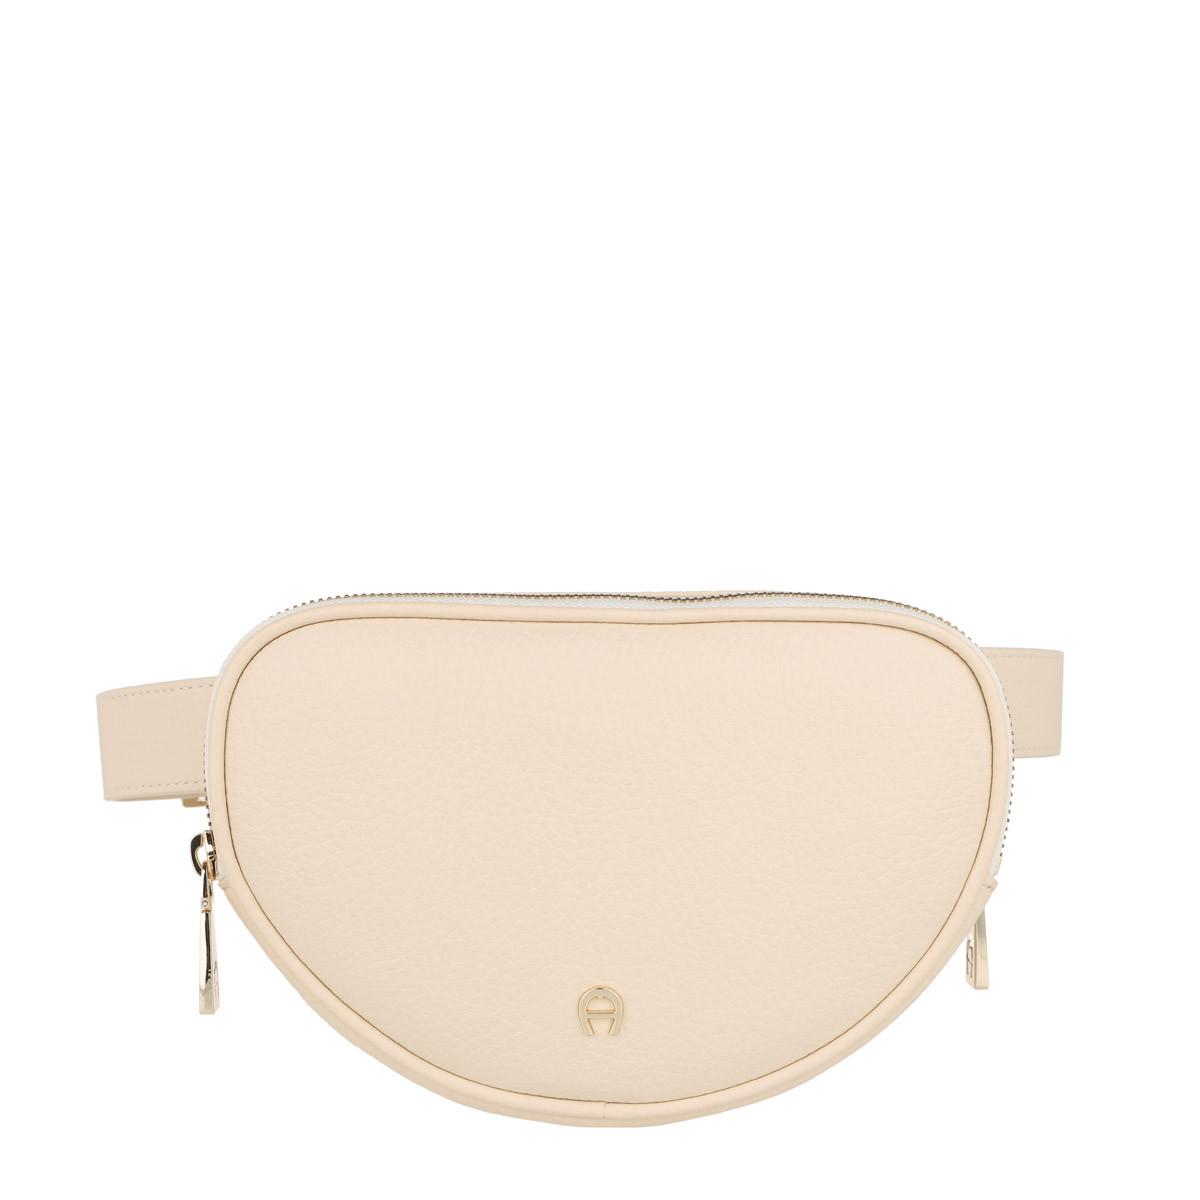 Aigner Gürteltasche - Belt Bag Ivy Antique White - in weiß - für Damen